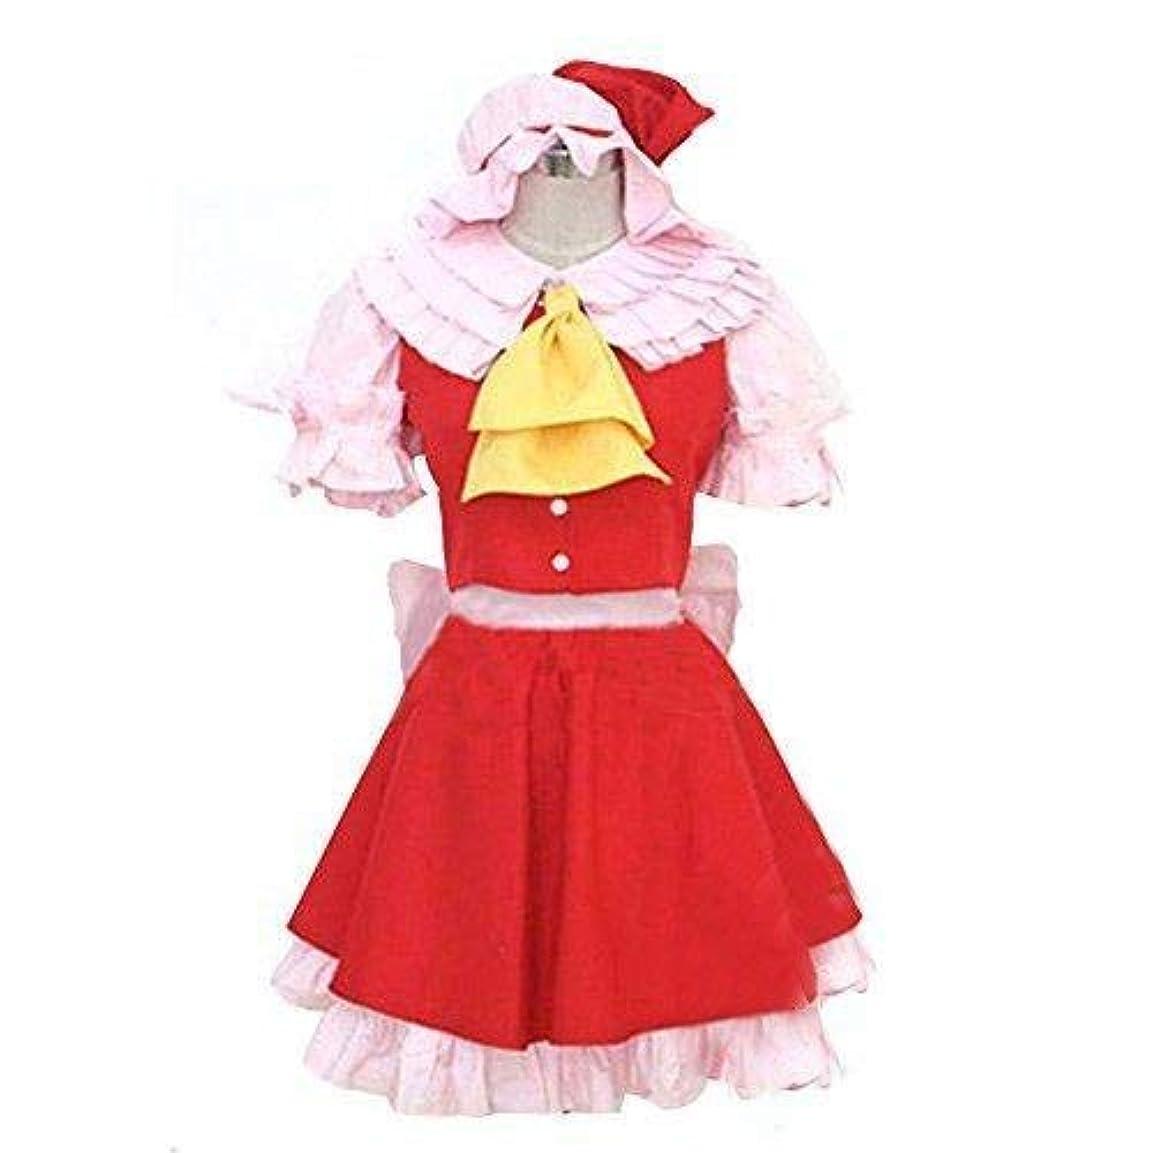 作り上げる太陽バブル【ミドリ屋】悪魔の妹コスプレ用衣装 高級 cosplay 女性L